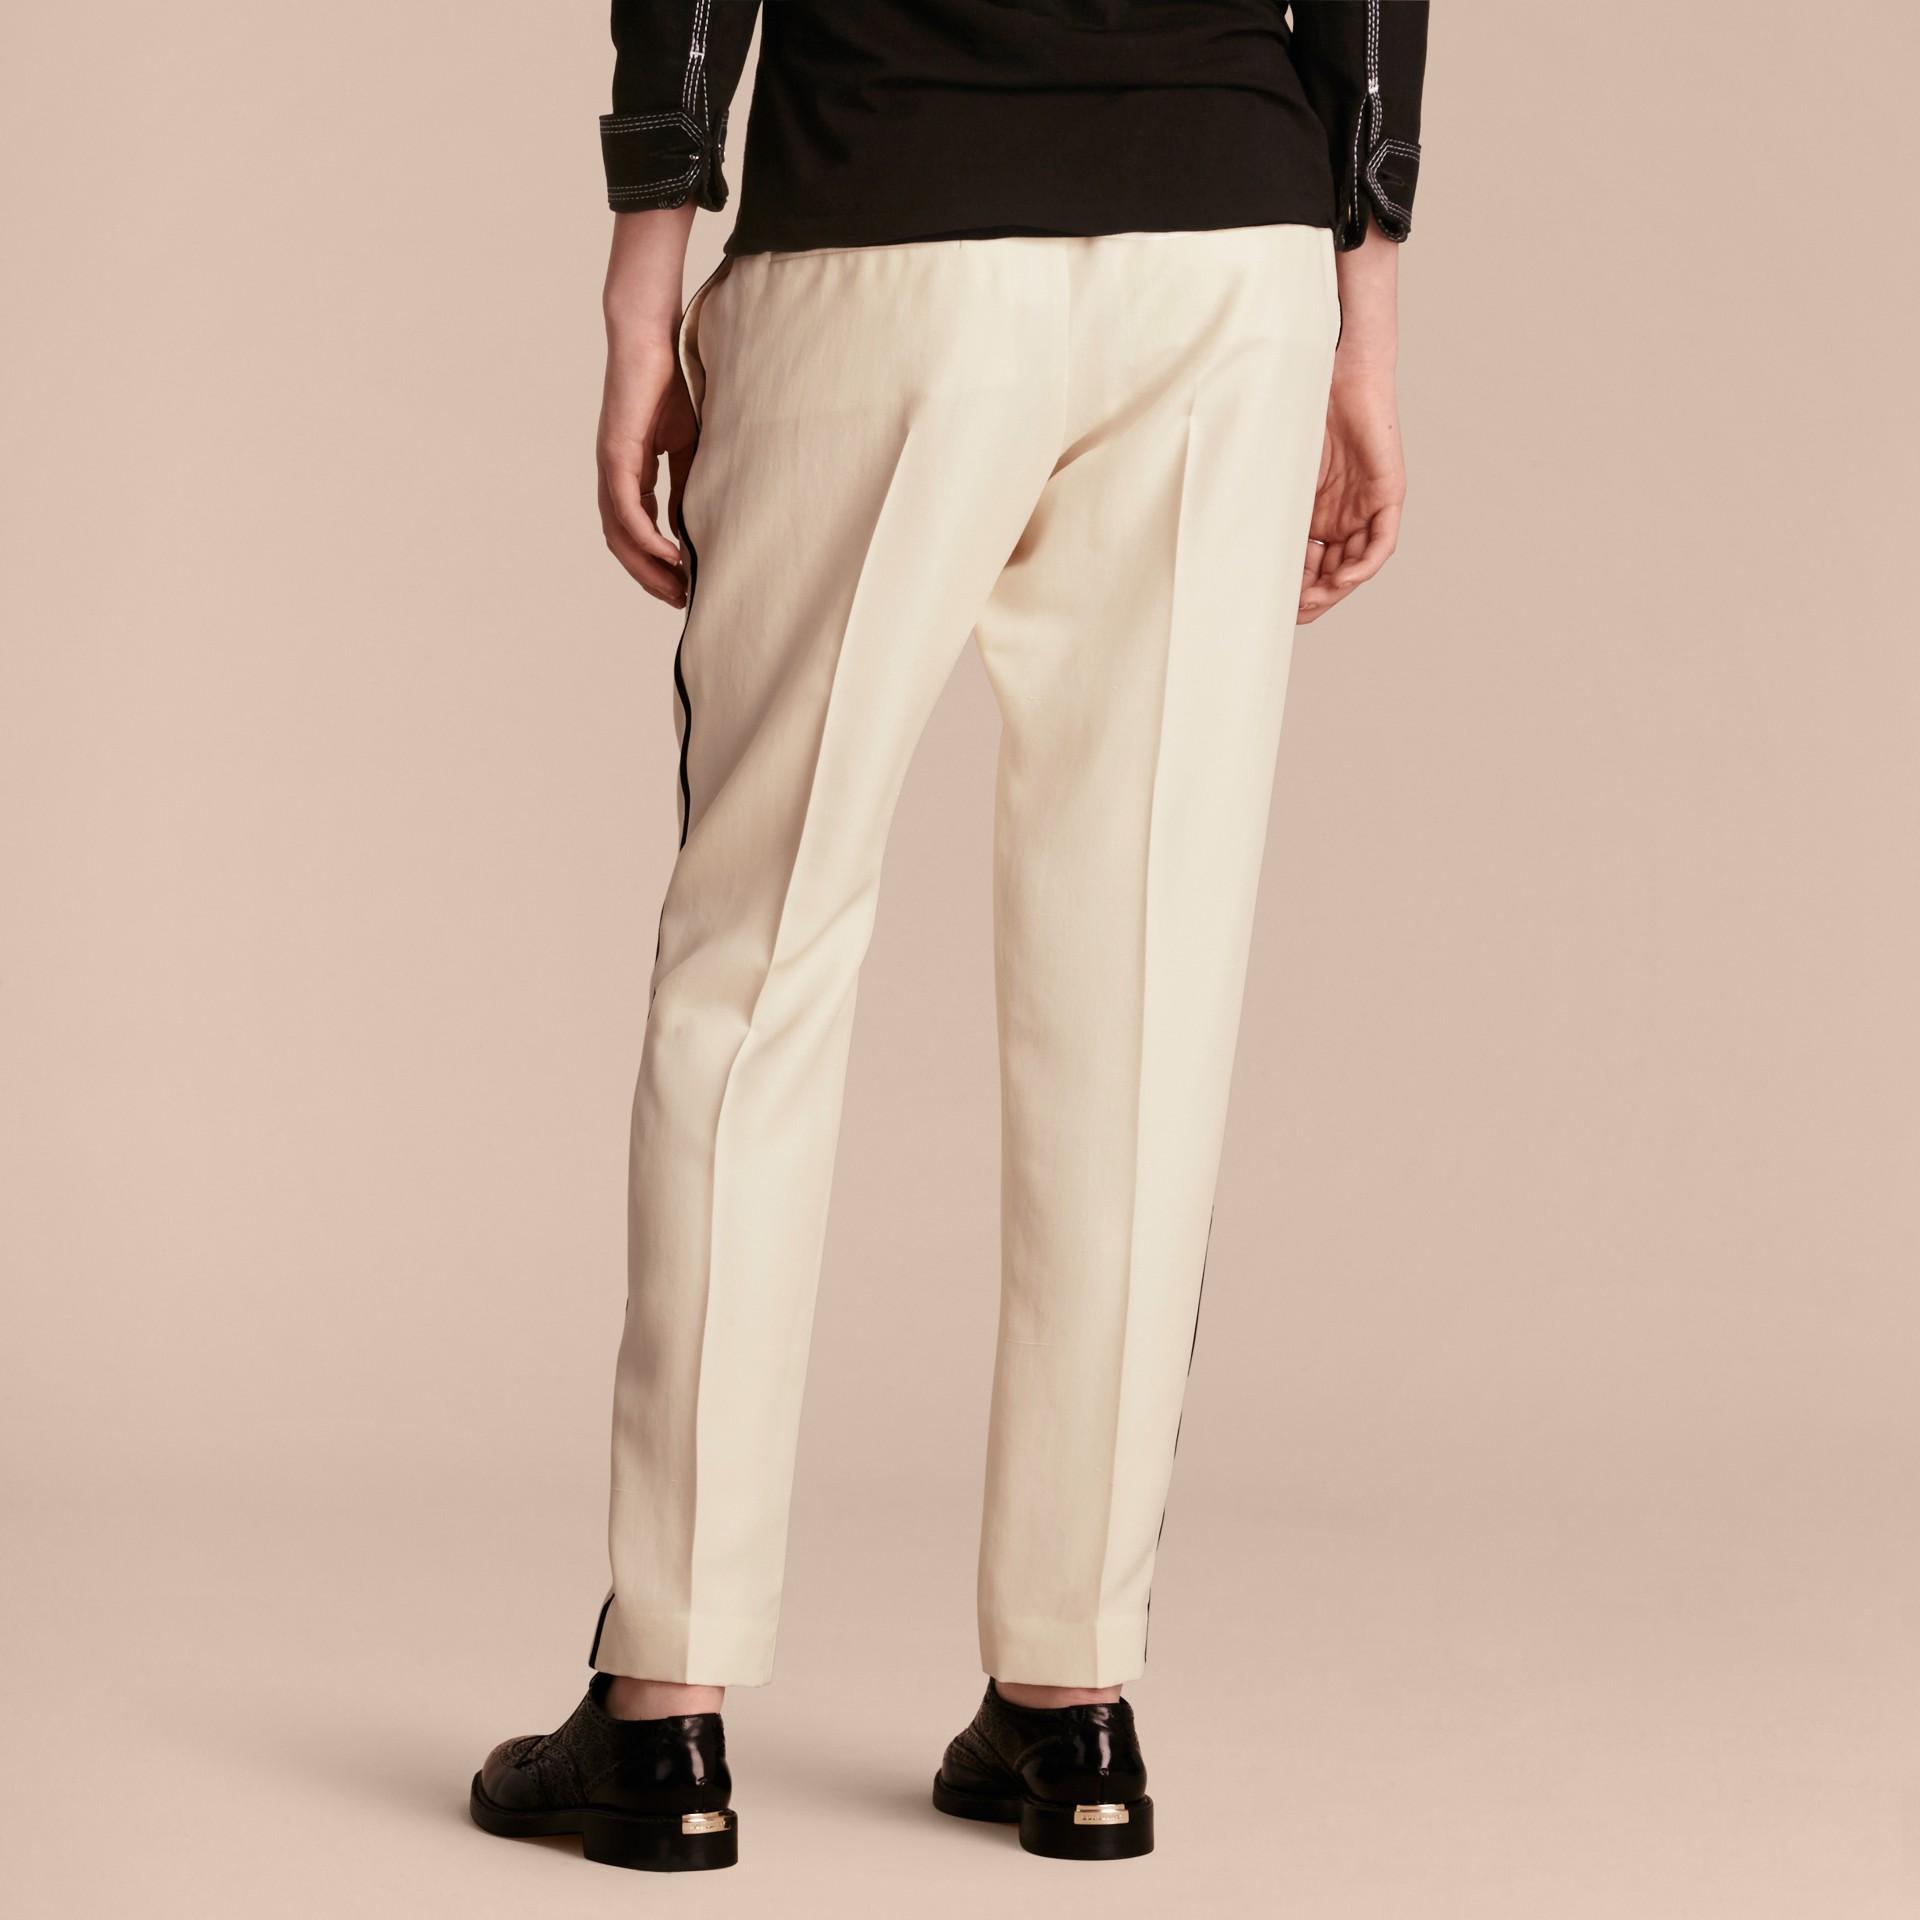 Parchemin Pantalon de survêtement ajusté en soie - photo de la galerie 3